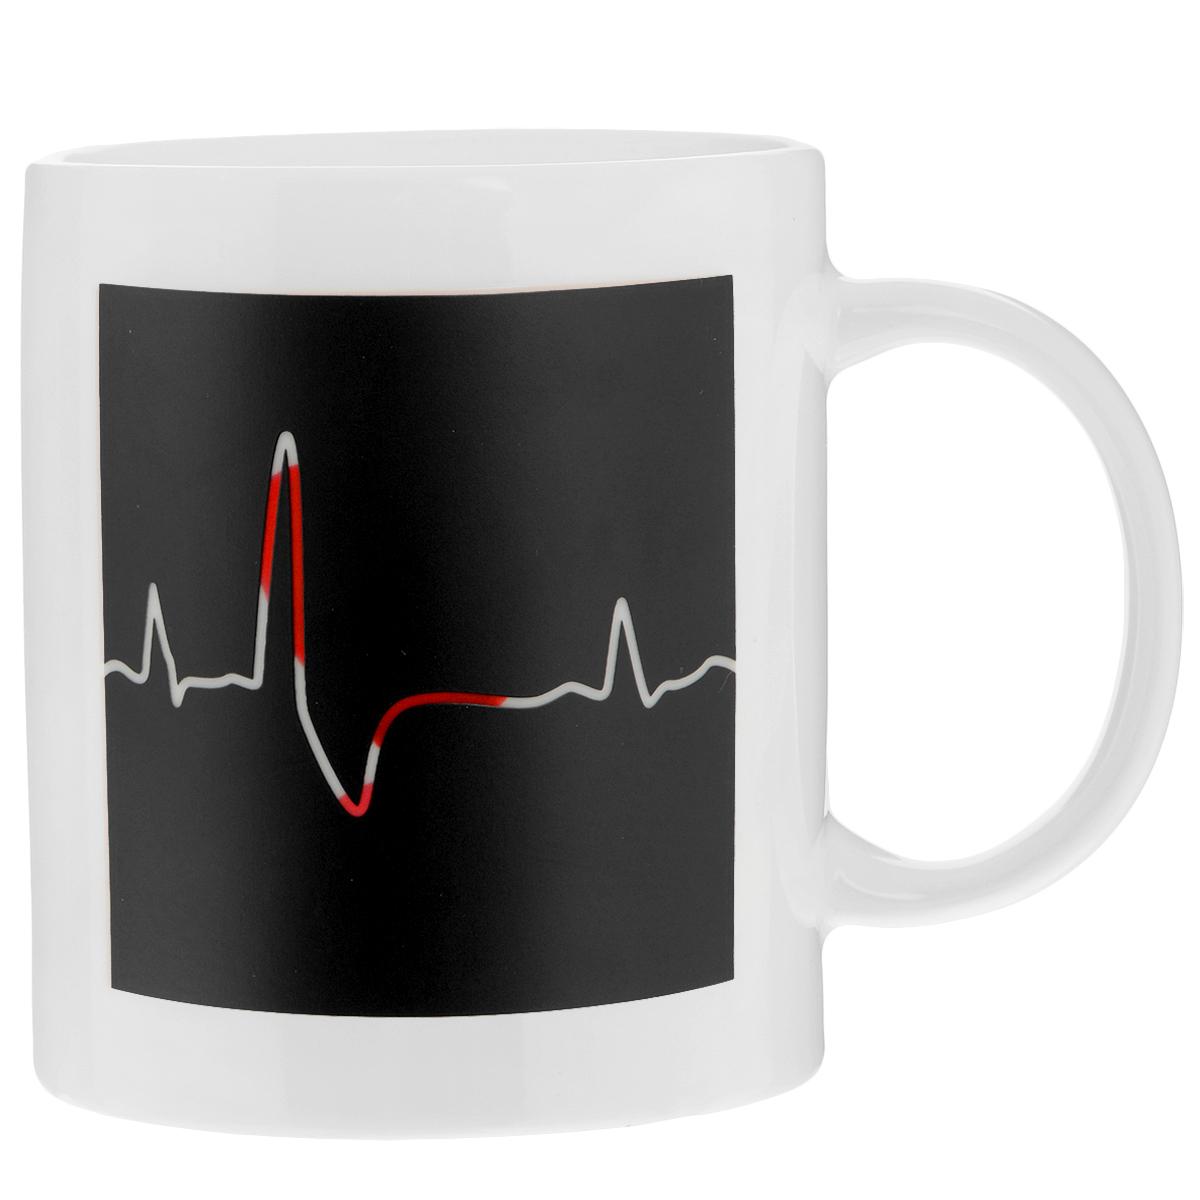 Кружка Биение сердца, 350 мл96312Кружка-хамелеон Биение сердца выполнена из высококачественного фарфора. Изменяет рисунок при нагреве. В холодном состоянии на кружке нарисовано графическое изображение биения сердца. Если в нее налить горячий напиток, то рисунок меняет цвет с темного на светлый, а на светлом поле проявляется рисунок красного сердца и надпись I Love U.Такой подарок станет не только приятным, но и практичным сувениром: кружка станет незаменимым атрибутом чаепития, а оригинальный дизайн вызовет улыбку.Нельзя мыть в посудомоечной машине. Можно использовать в микроволновой печи. Диаметр по верхнему краю: 8 см. Высота кружки: 9,5 см. Объем: 350 мл.